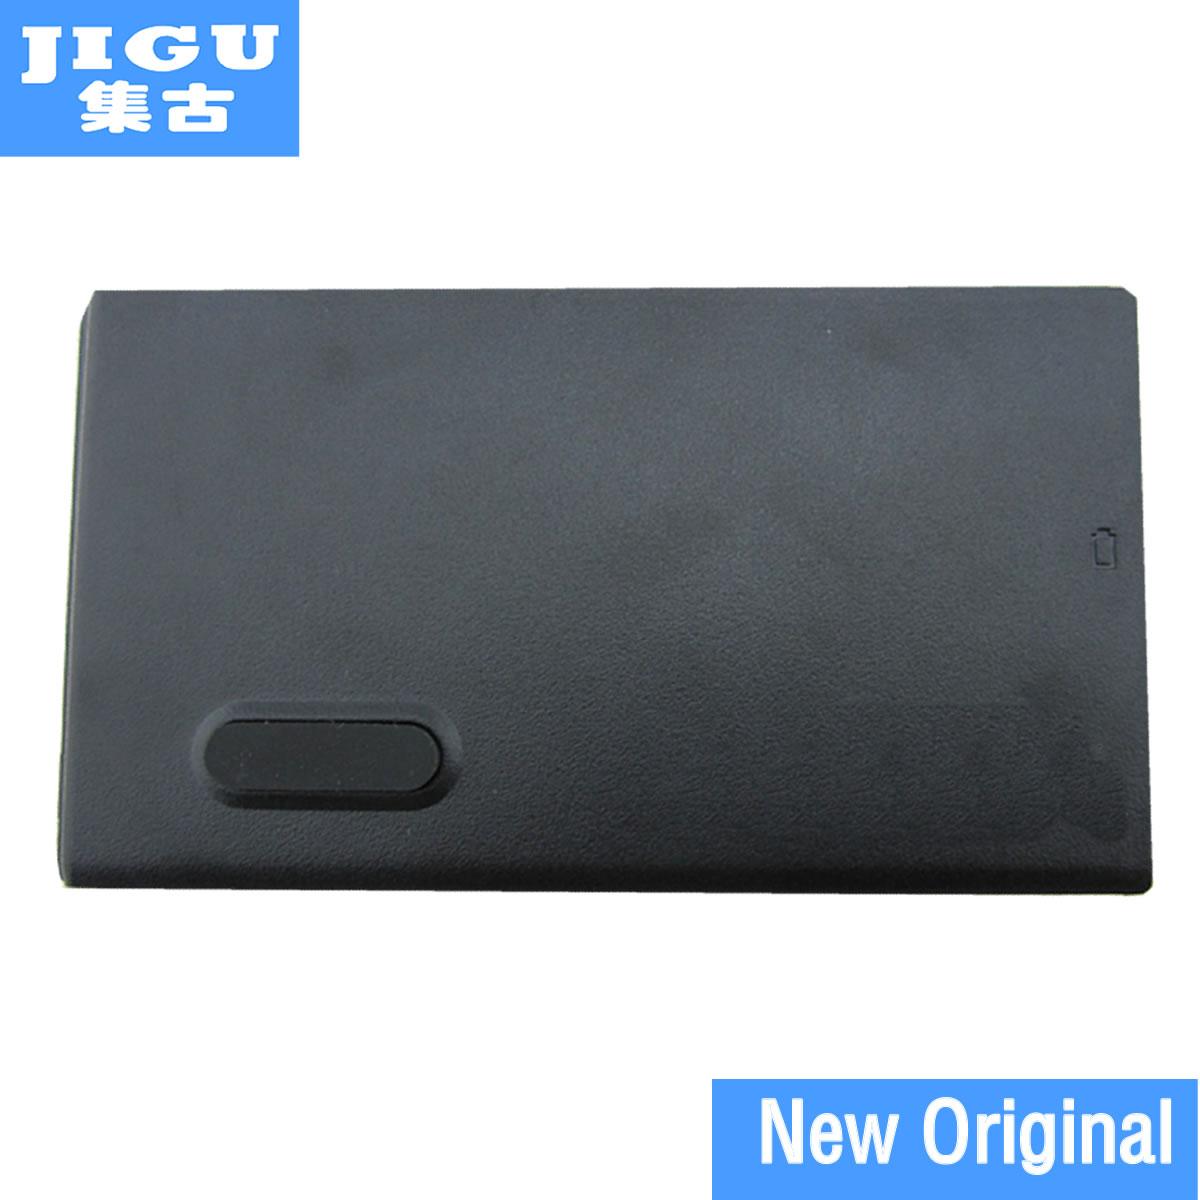 JIGU A32-A8 Original laptop Battery For Asus A8Z F8 F8S A8A F8Sa Z99J A8E A8F A8Fm F8V A8H A8H X80 X80H A8Jv X80L A8M